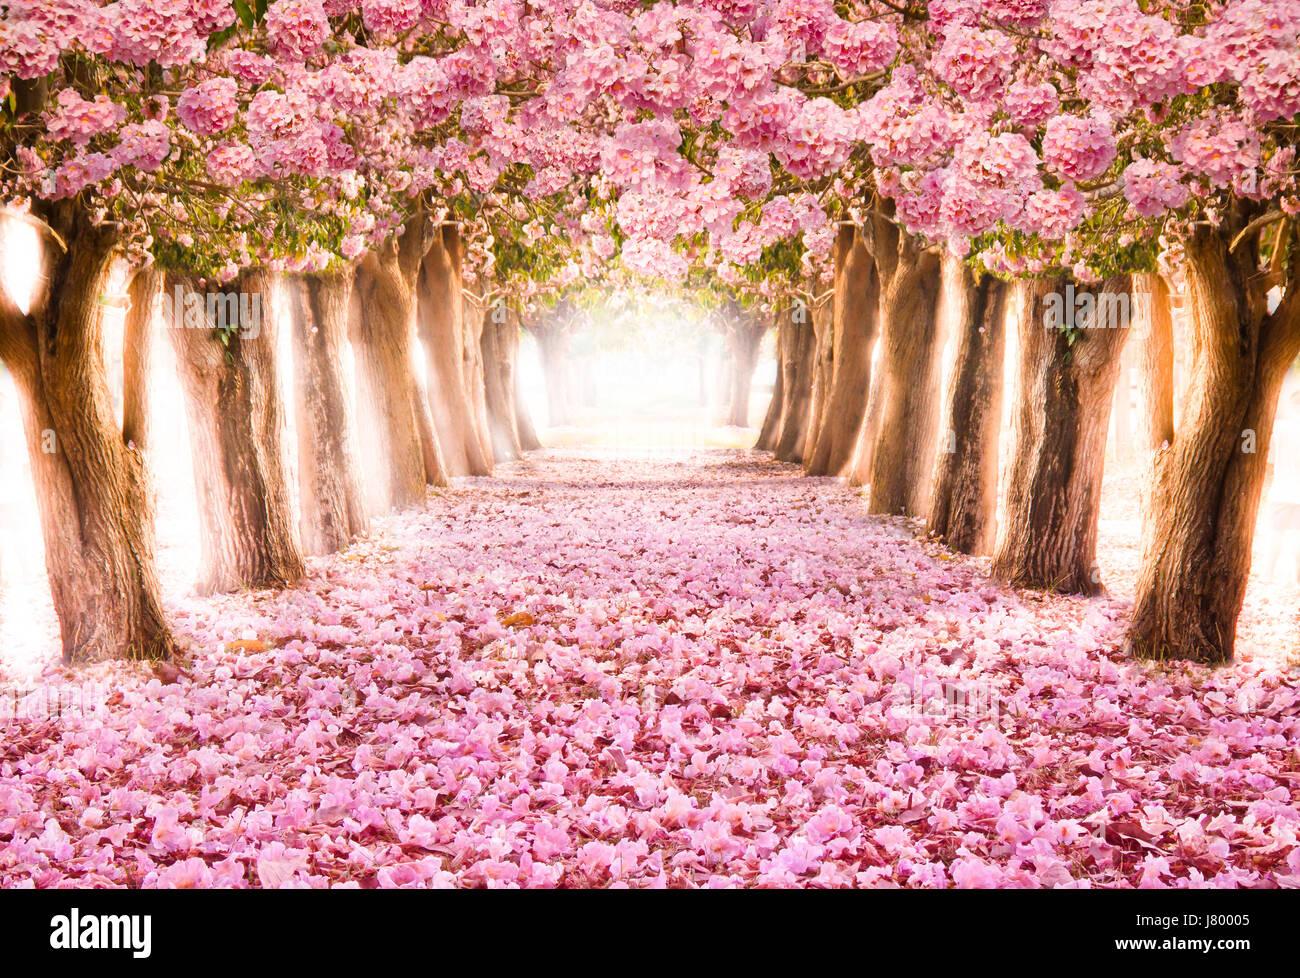 Sakura Falling Live Wallpaper Downloads Fallende Blumenblatt 252 Ber Den Romantischen Tunnel Rosa